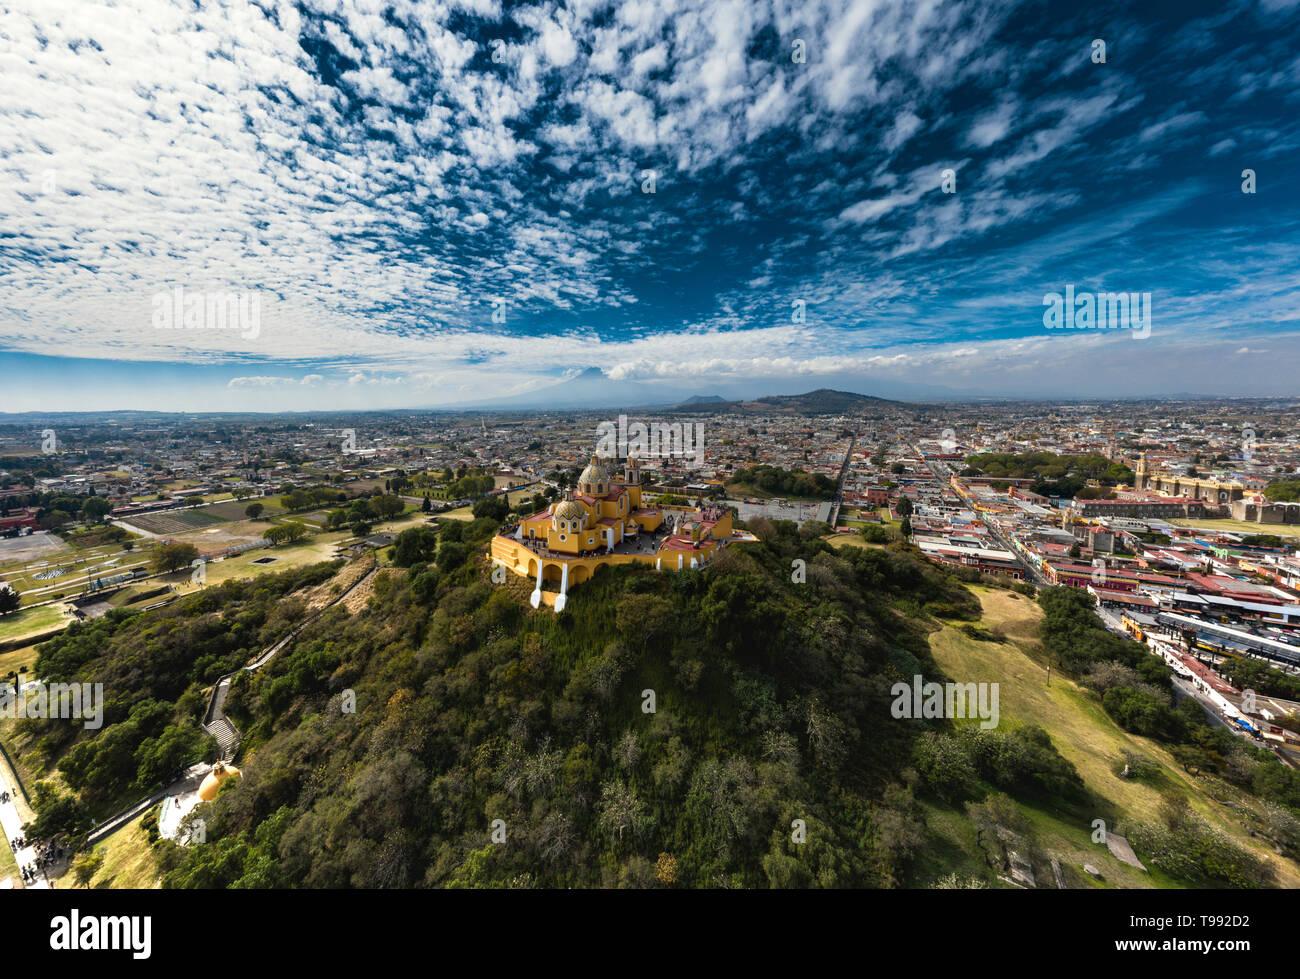 Die Große Pyramide von Cholula ist die größte Pyramide der Welt, Cholula de Rivadavia, Puebla, Mexiko Stockfoto